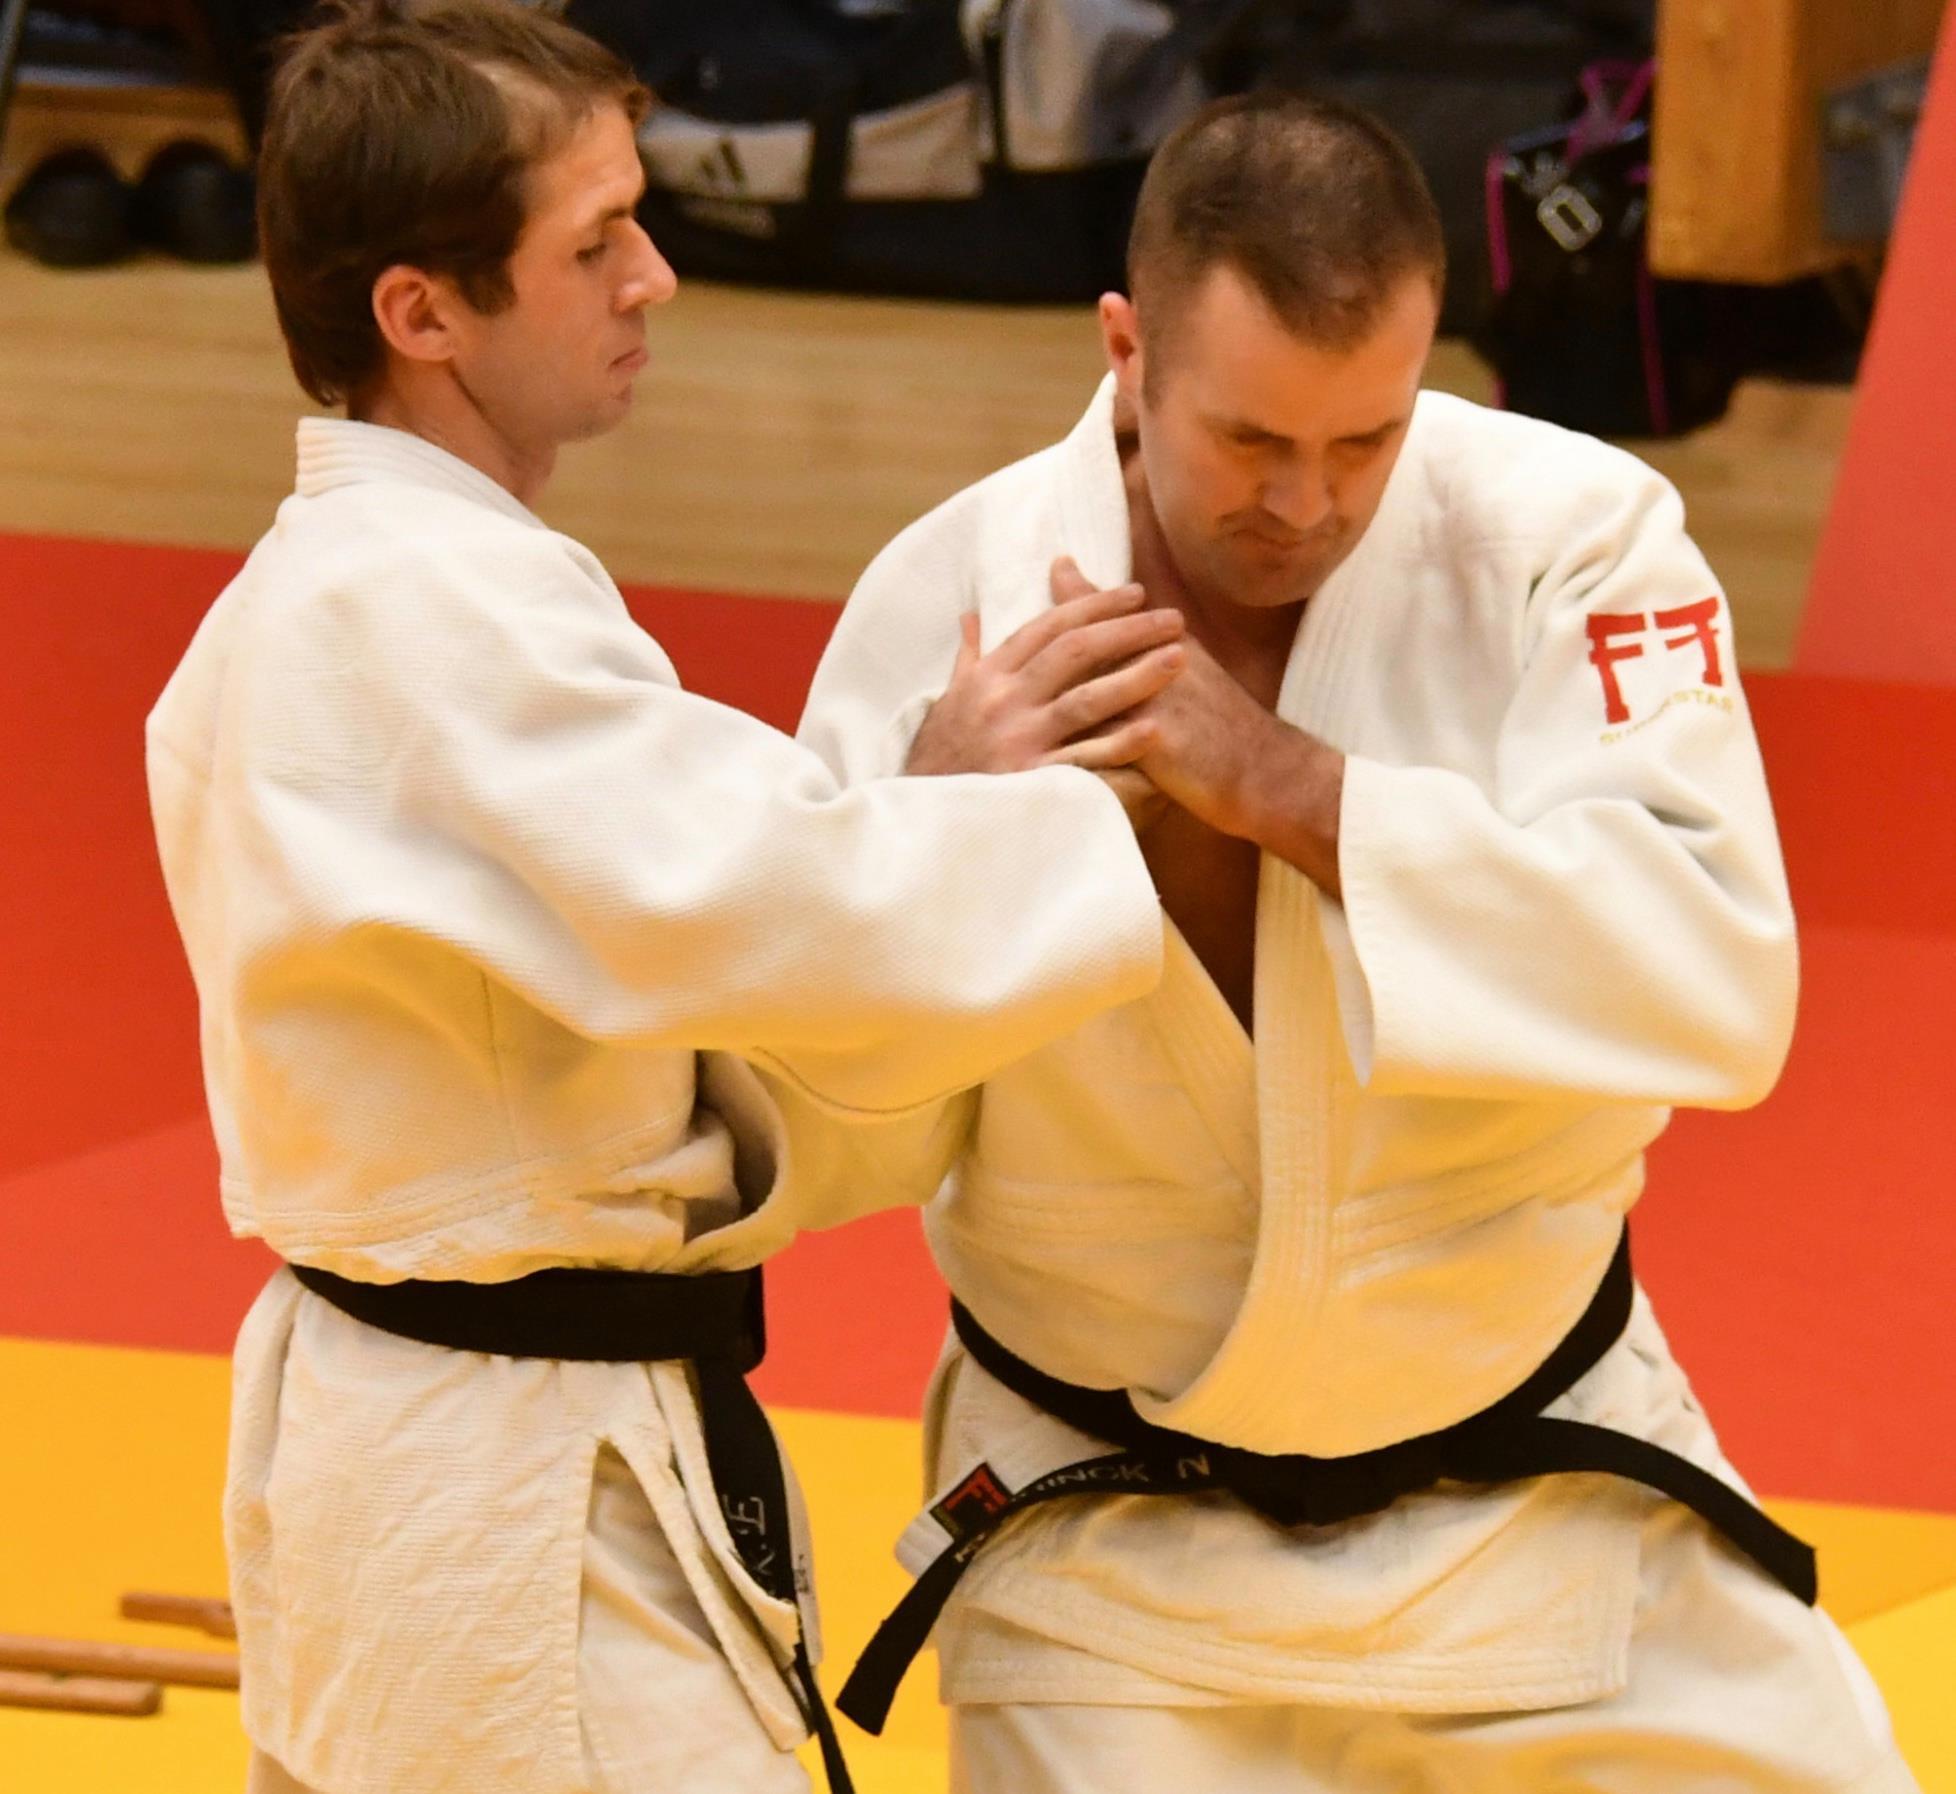 Les qualifi s du 62 pour la coupe de france kata comit - Resultat coupe de france pas de calais ...